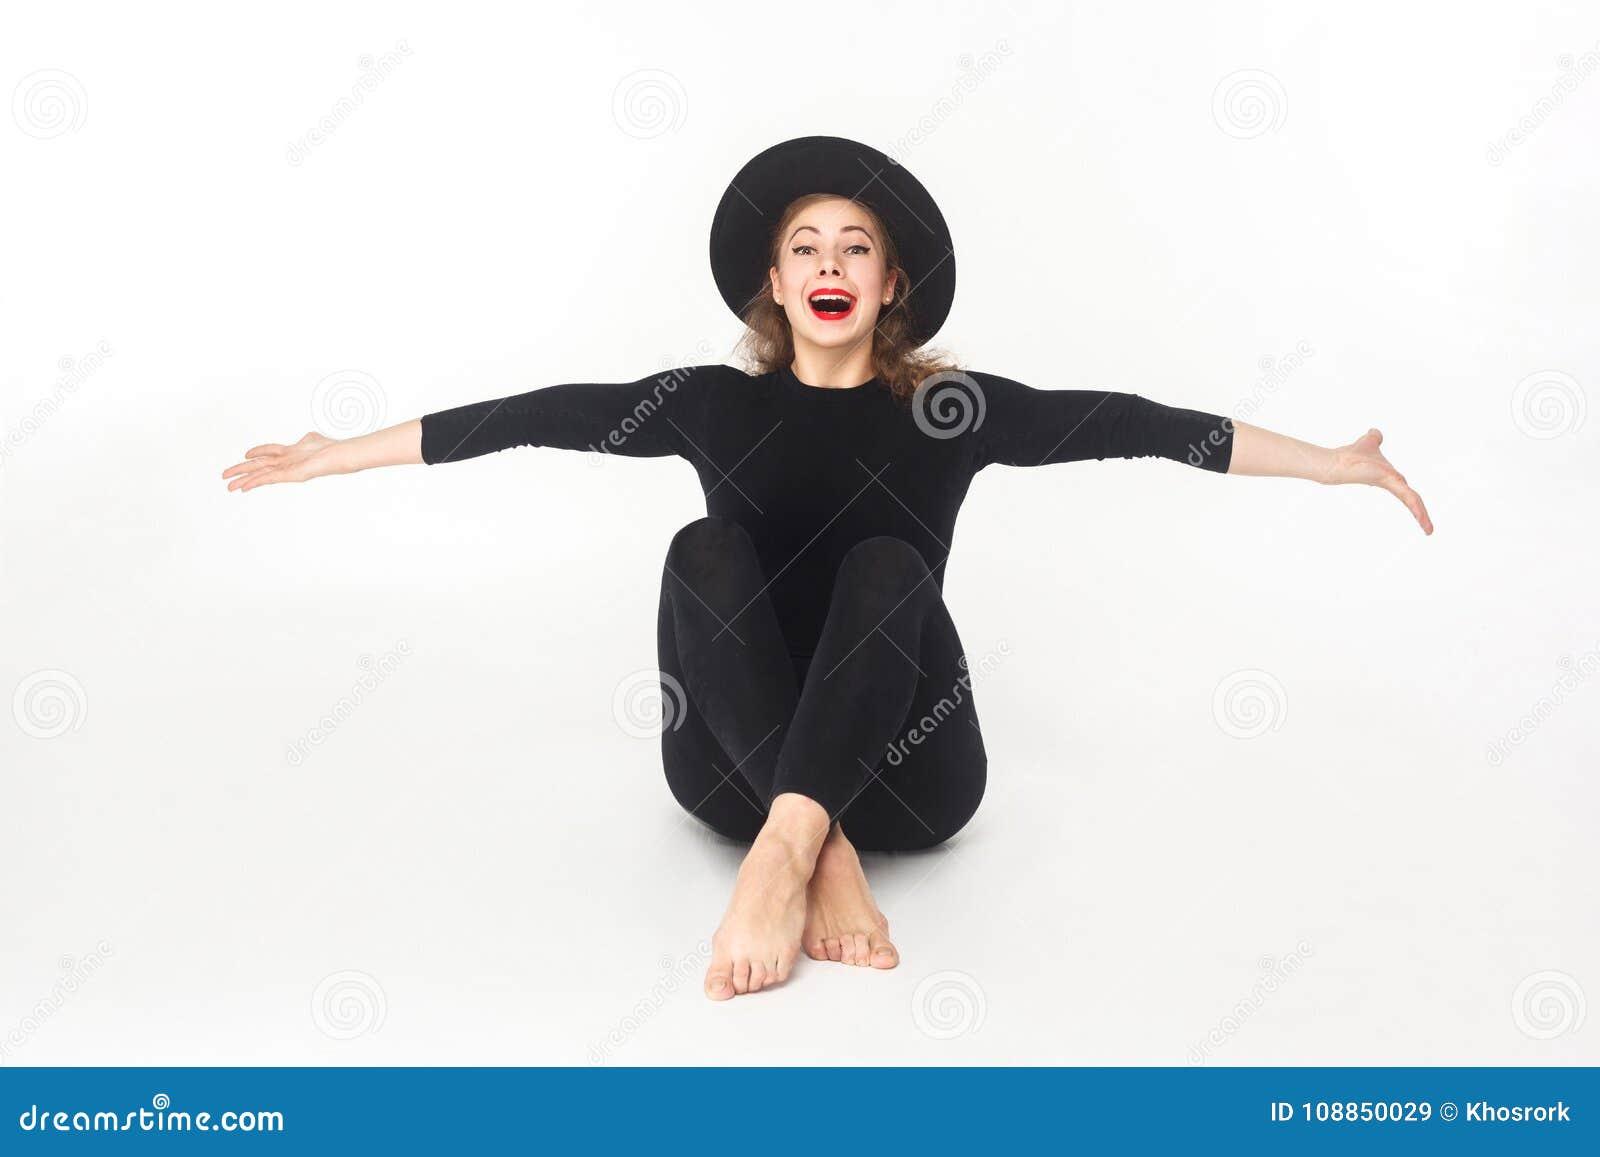 Όμορφη γυναίκα ευτυχίας στο καπέλο, που κάθεται στο πάτωμα